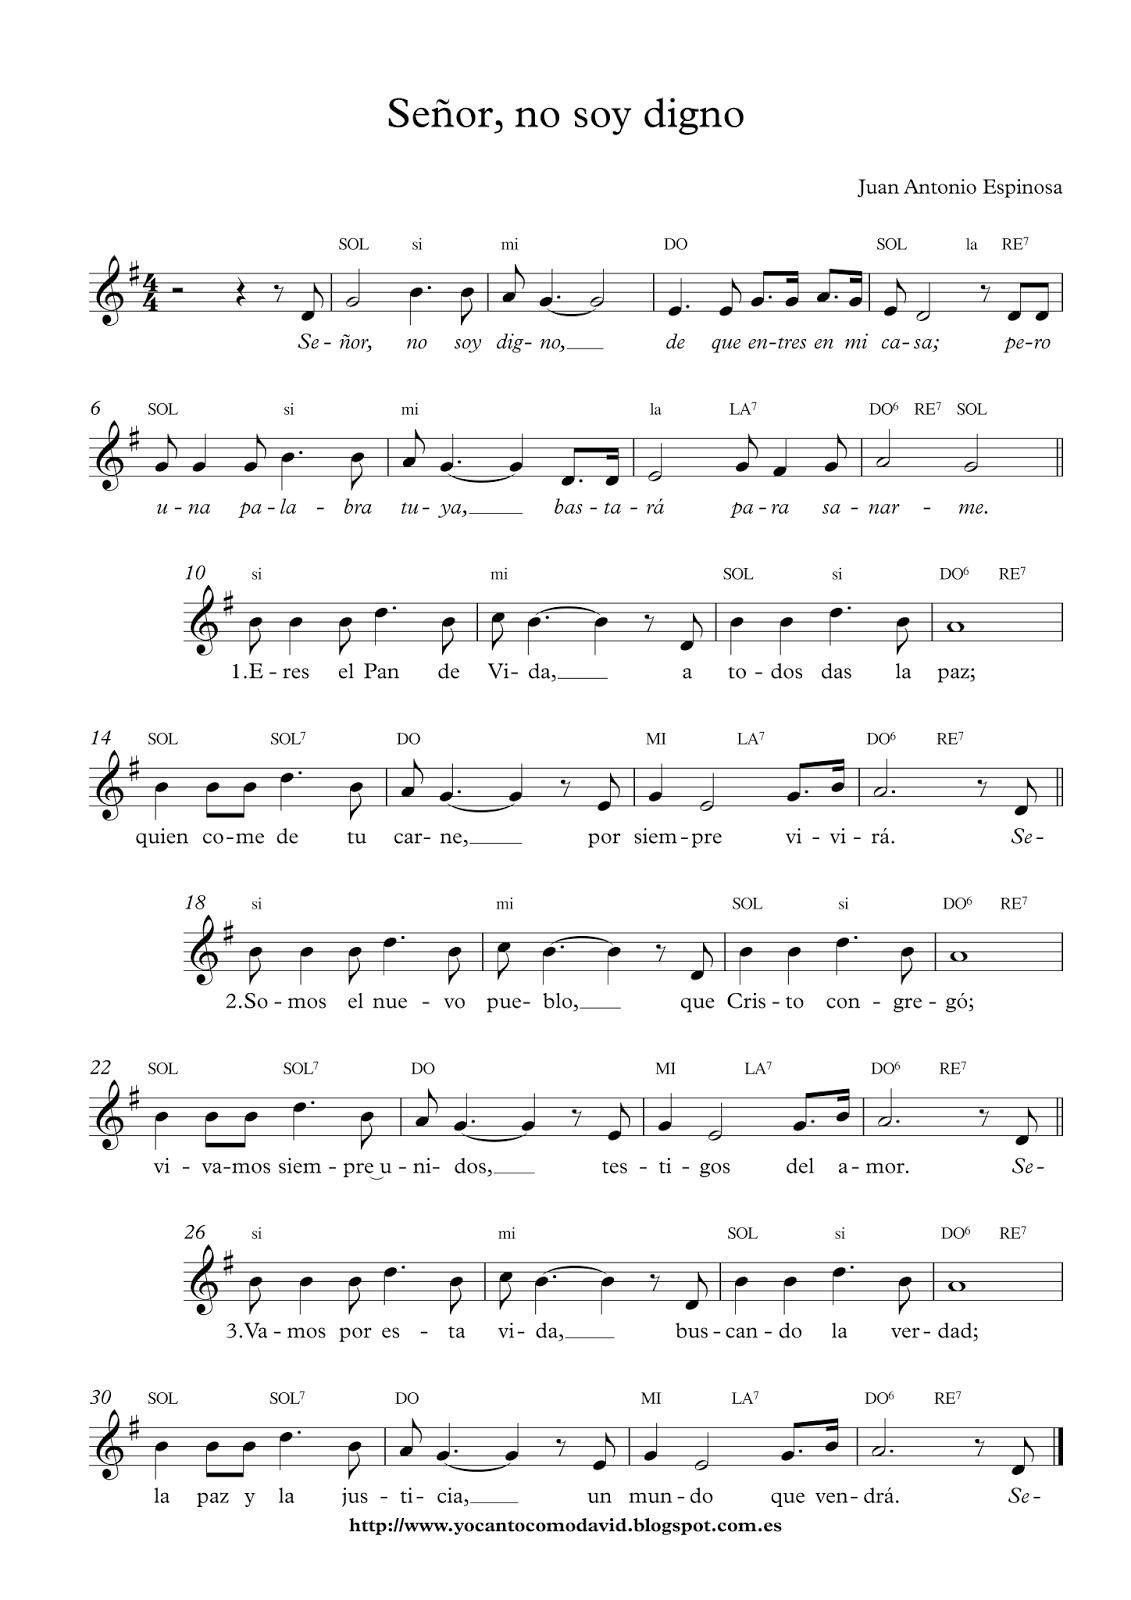 15 Minutos Con Jesus Sacramentado Juan Nolan Mp3 Descargar : minutos, jesus, sacramentado, nolan, descargar, Cancionero, Católico:, SEÑOR,, DIGNO., Autor:, Antonio, Espinosa